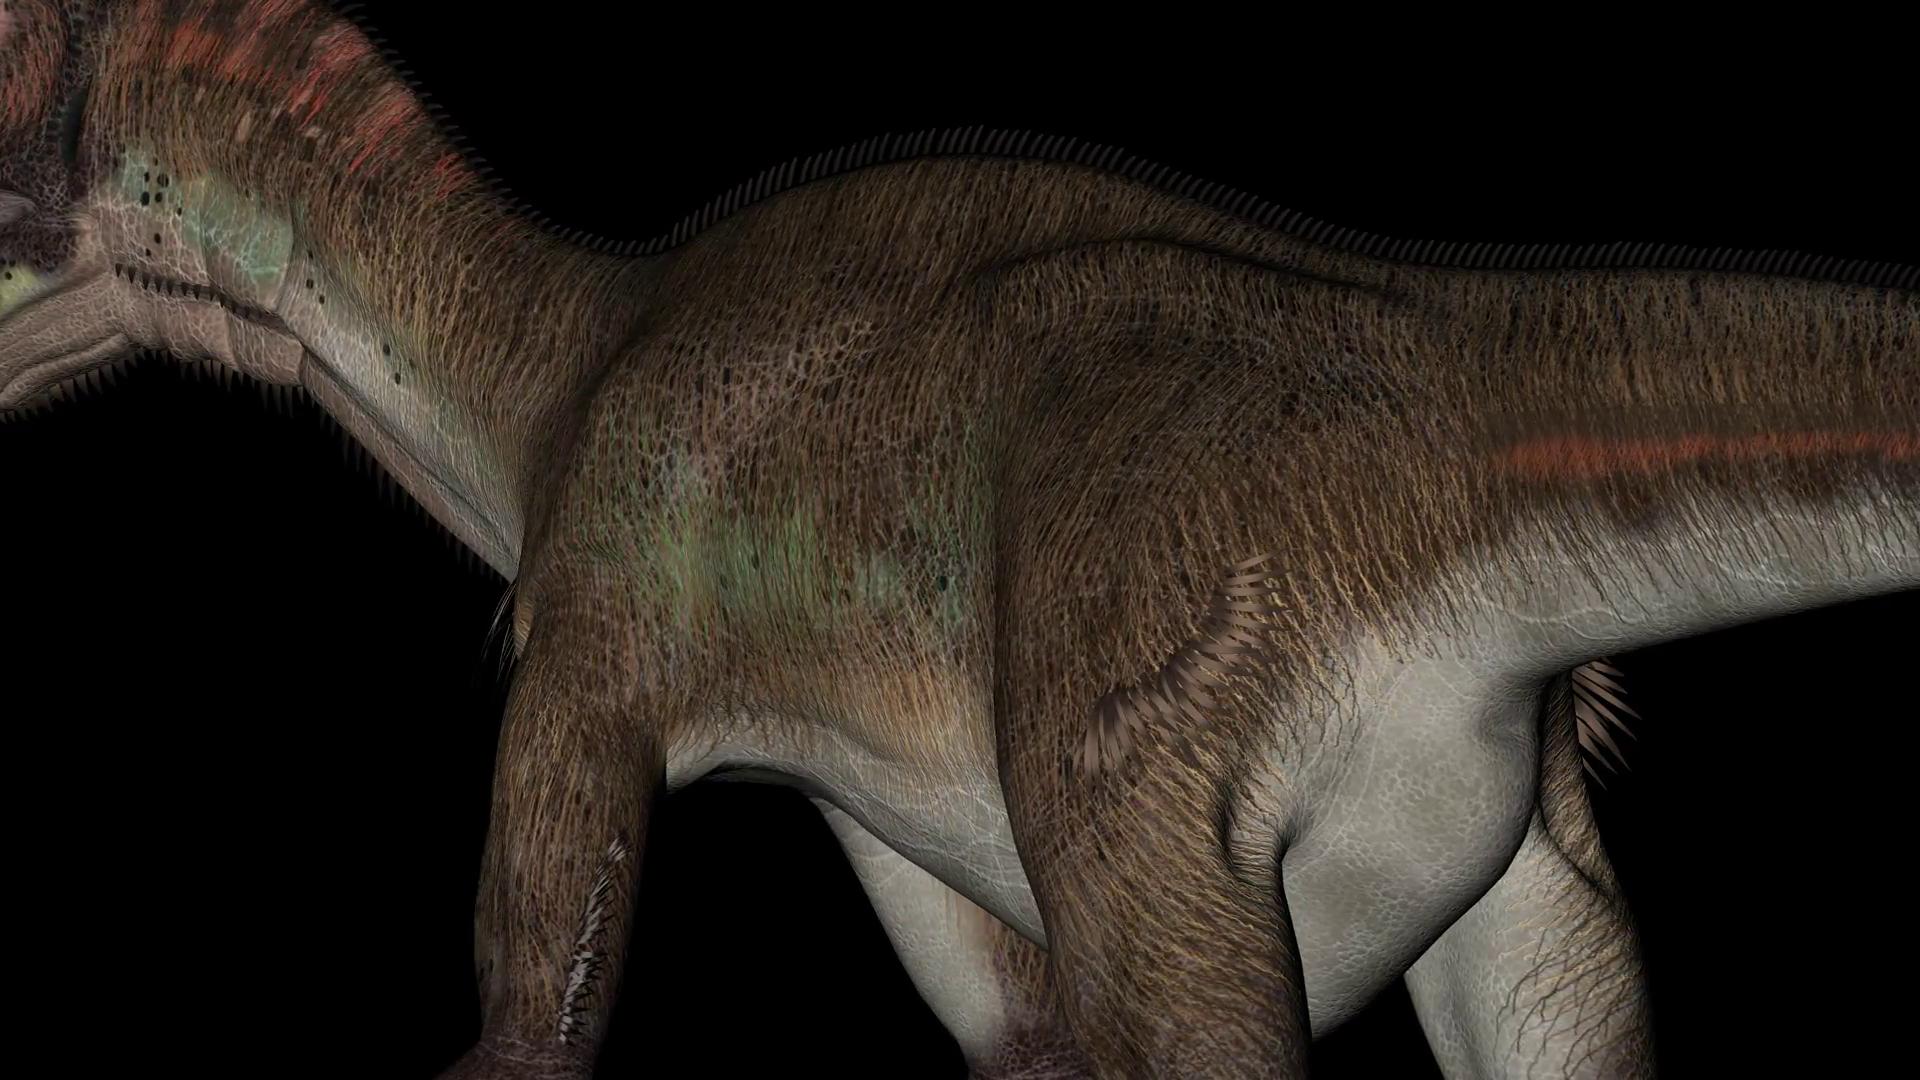 Detail of Body of Utahraptor Dinosaur in Rotation on Black 1920x1080